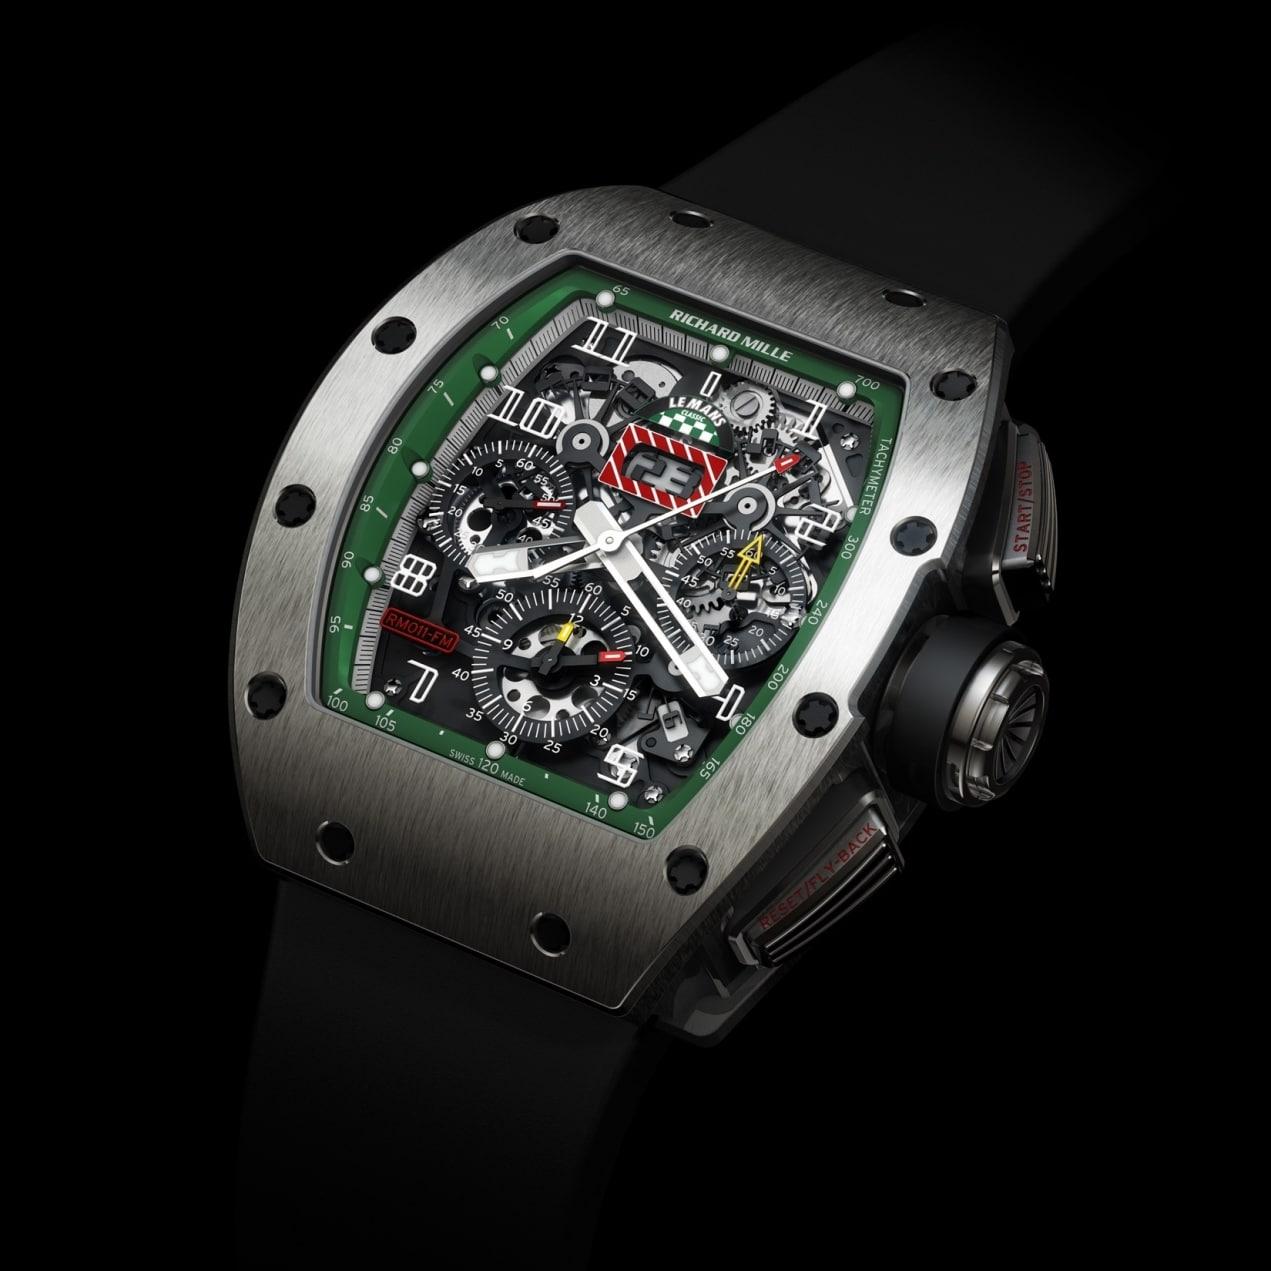 Richard Mille RM 011 Le Mans Classic 2008 – en titane ou or rouge et titane – 200 pièces